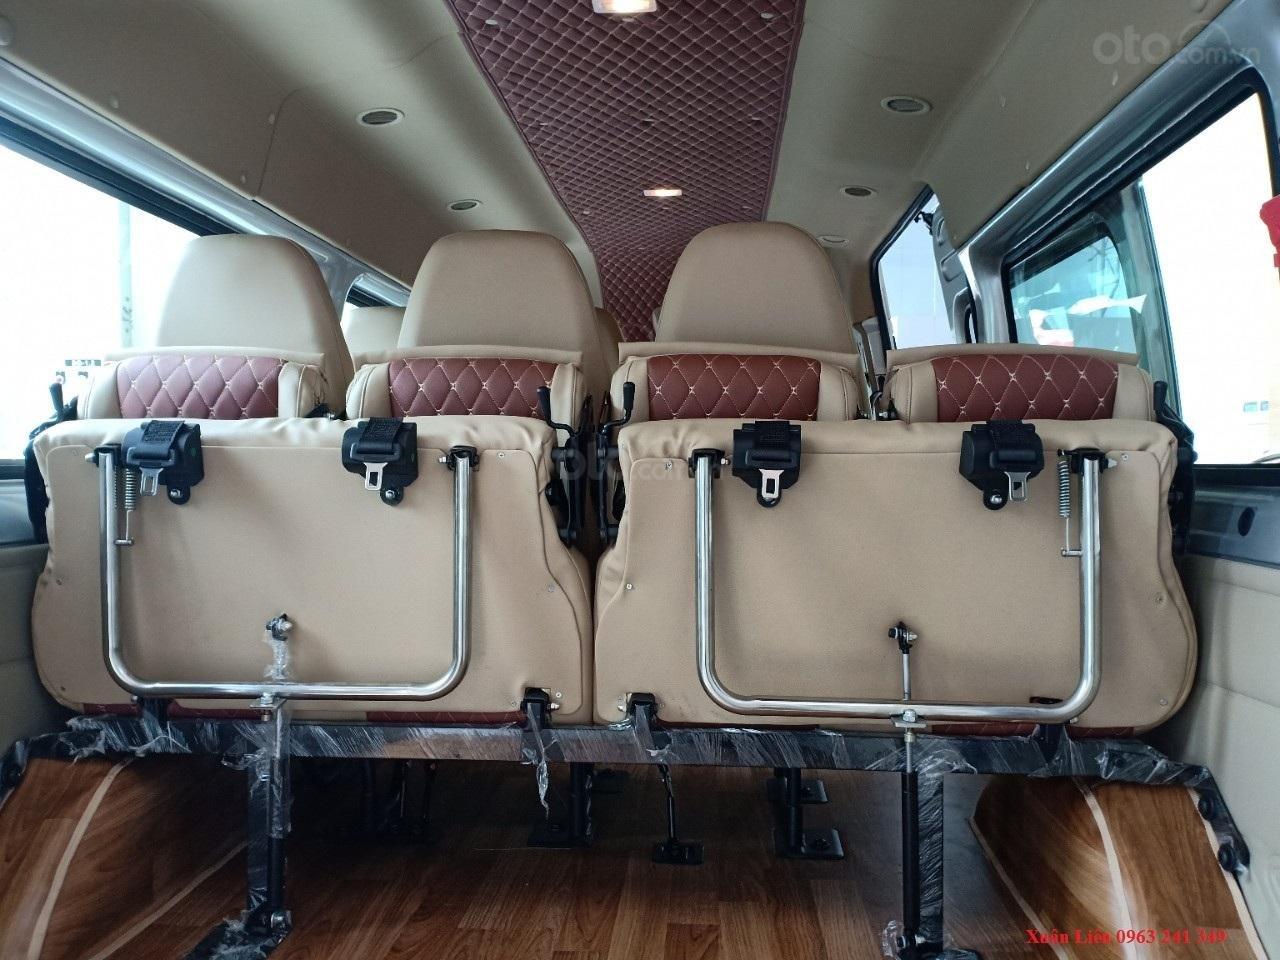 Ford Transit, giảm tiền mặt hoặc tặng phụ kiện, liên hệ ngay Xuân Liên 089 86 89 076-5